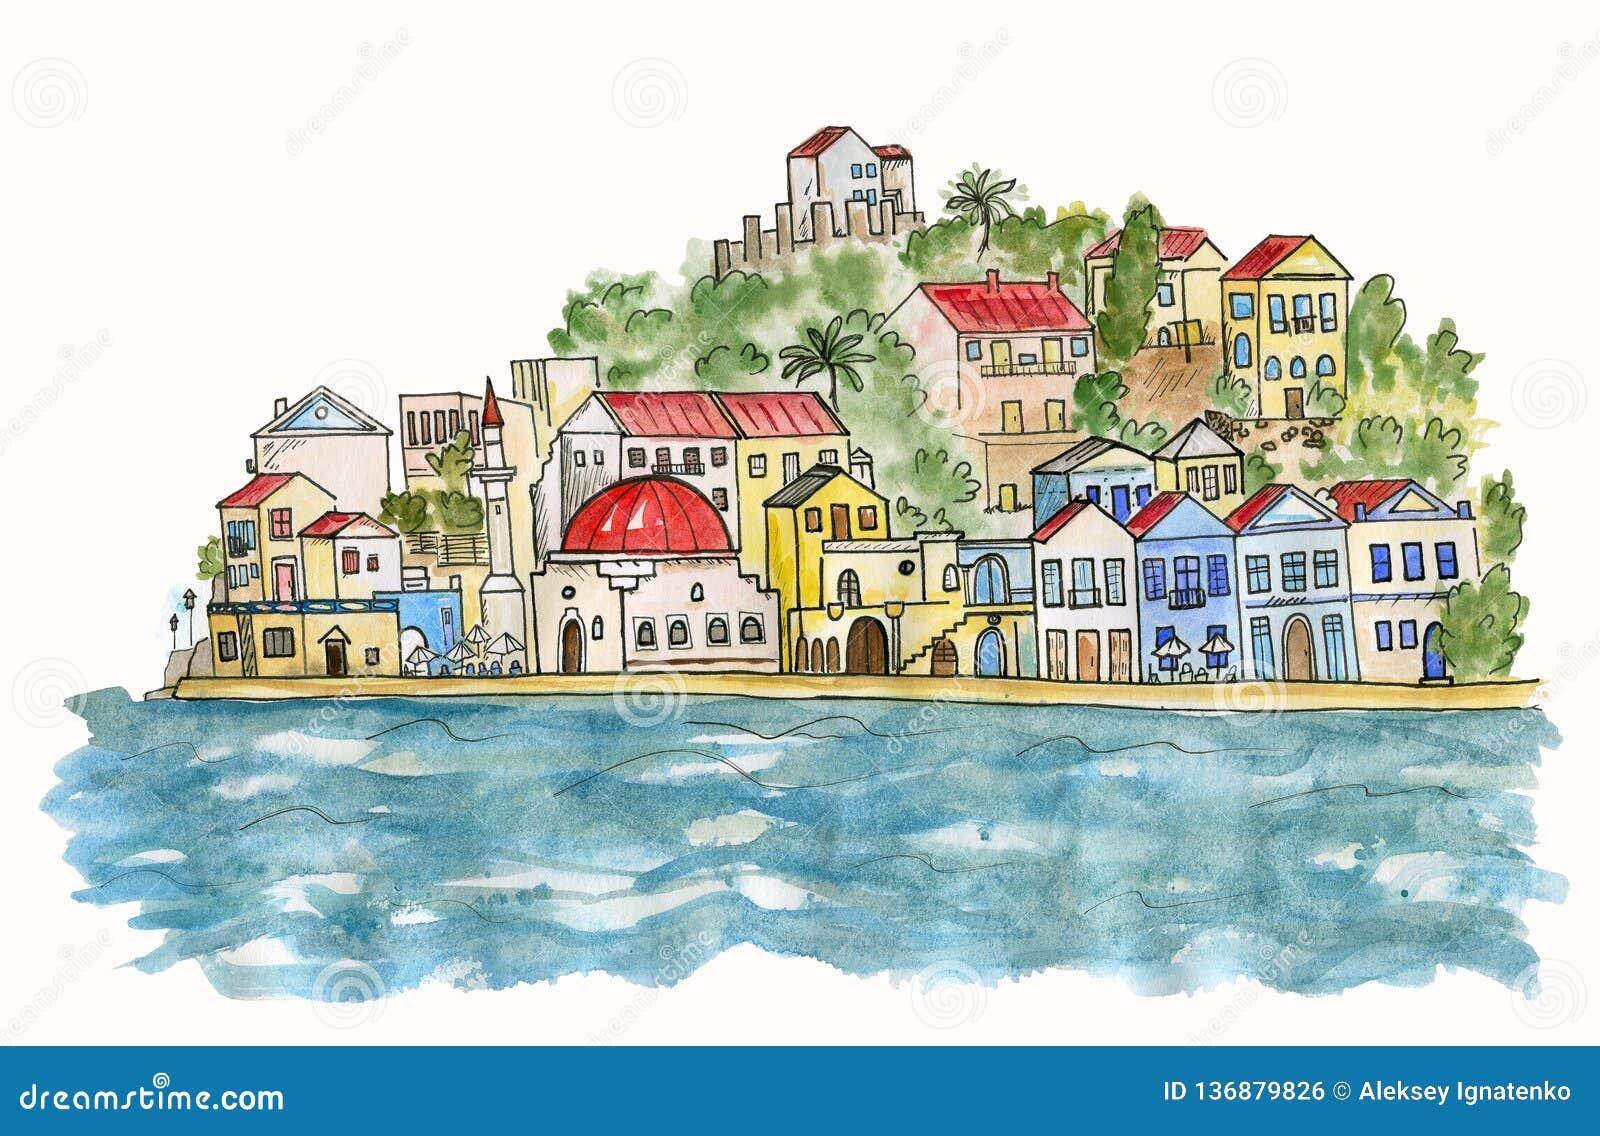 Южный город морем изображение иллюстрации летания клюва декоративное своя бумажная акварель ласточки части